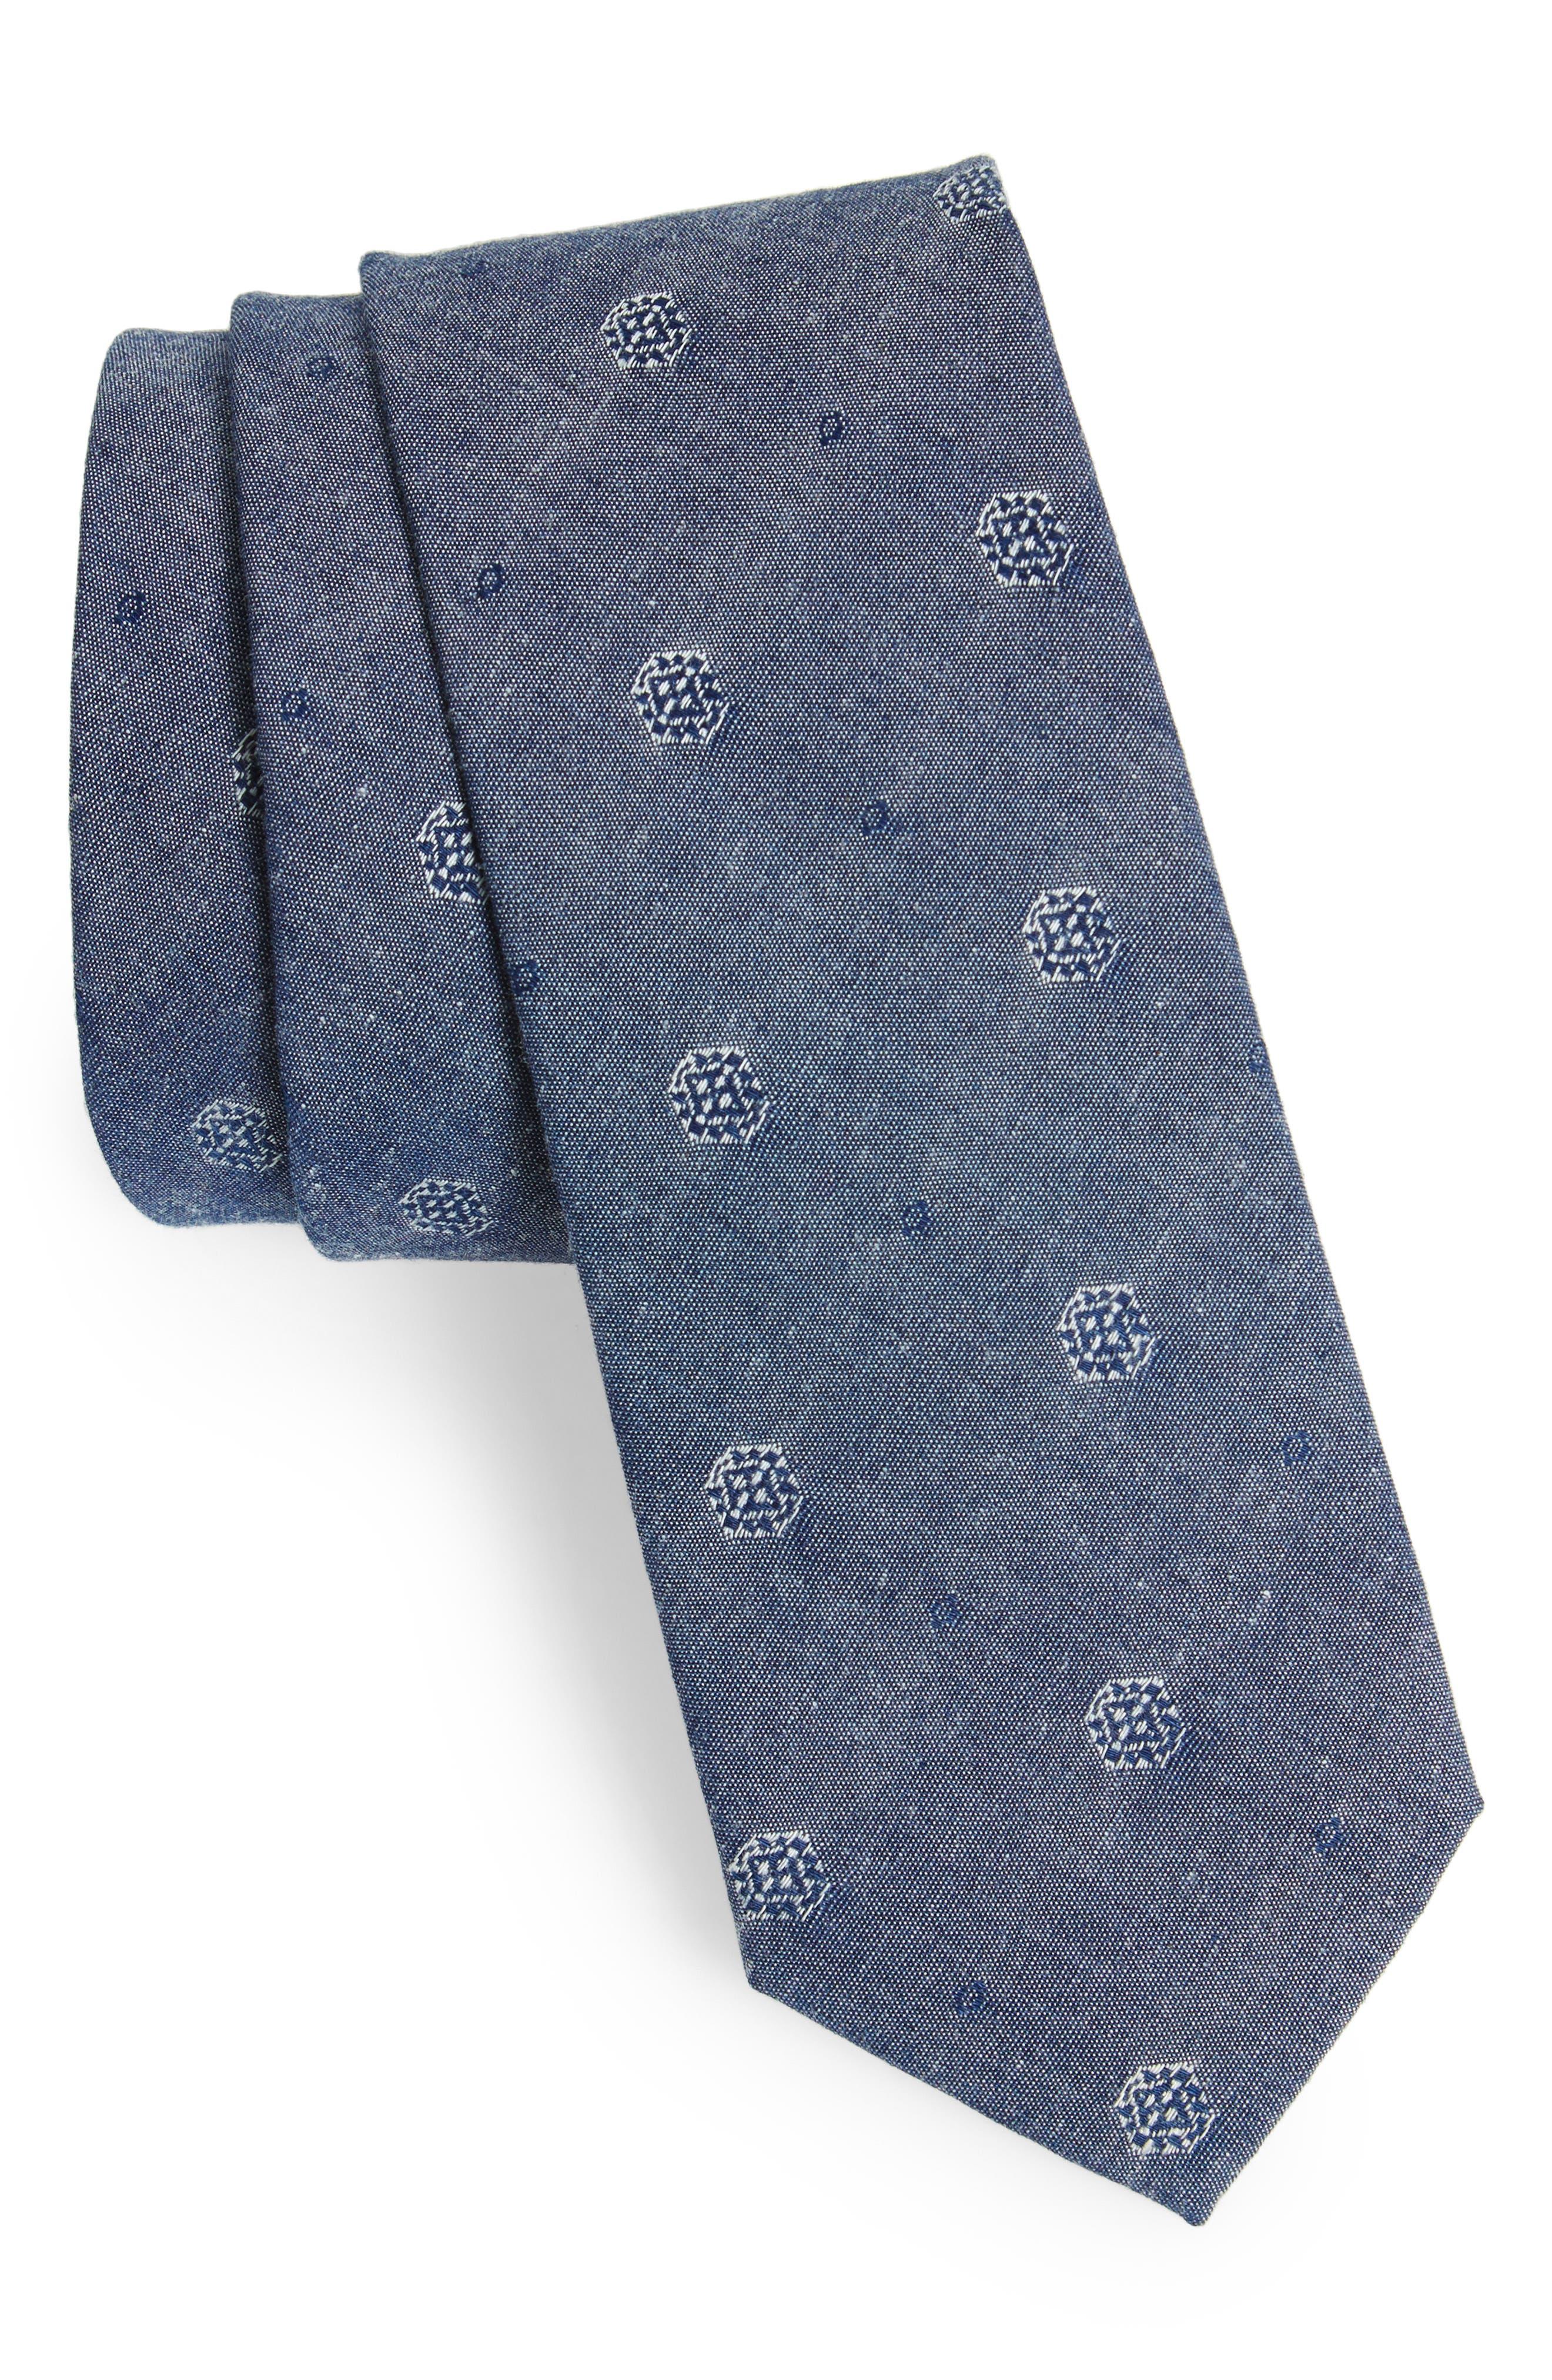 Main Image - Nordstrom Men's Shop Medallion Cotton Tie